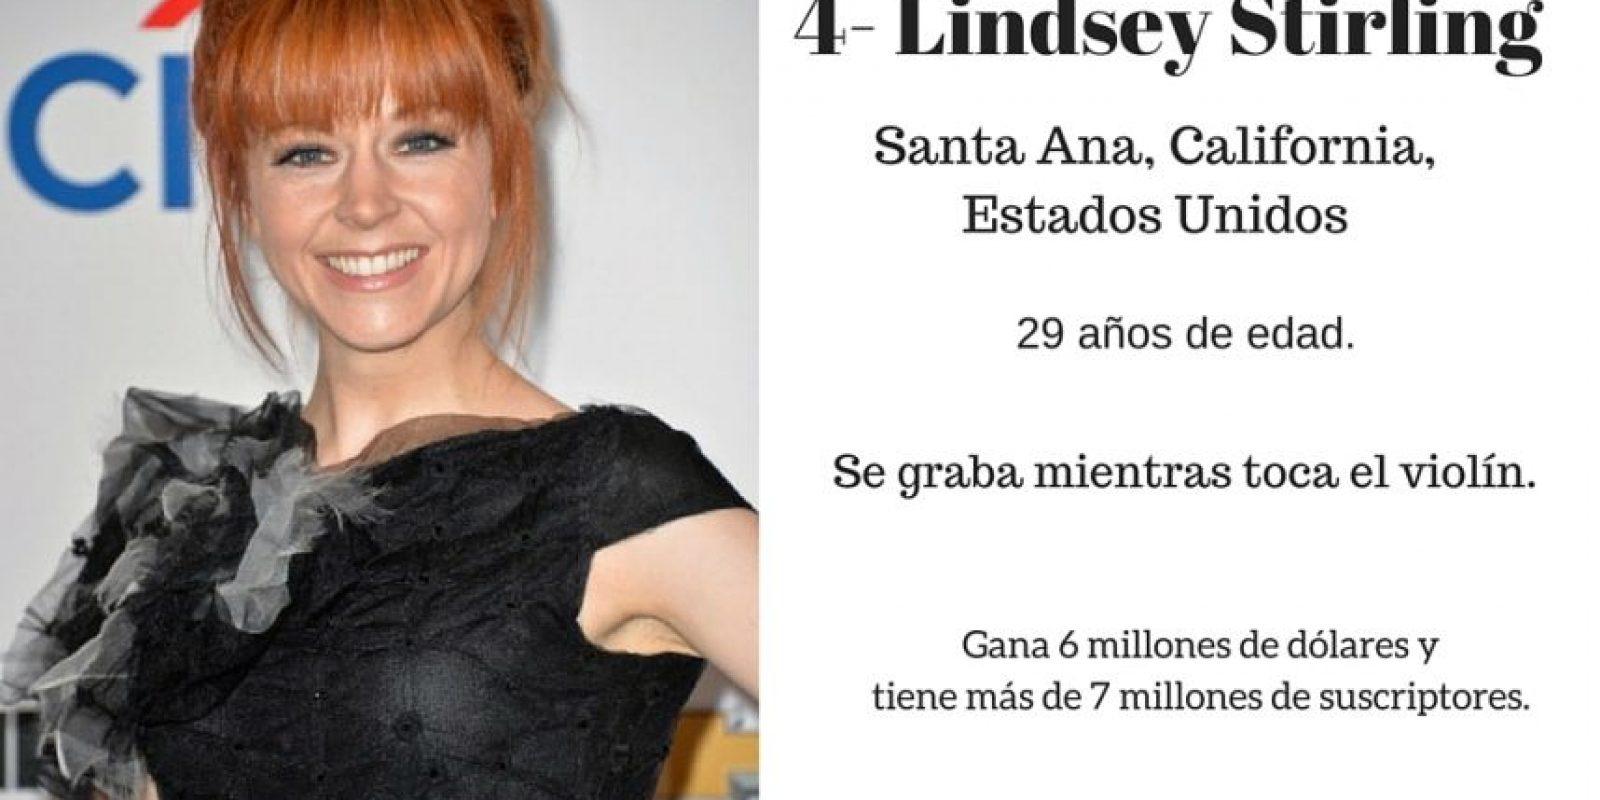 4- Lindsey Stirling: 6 millones de dólares. Foto:Especial / Getty Images